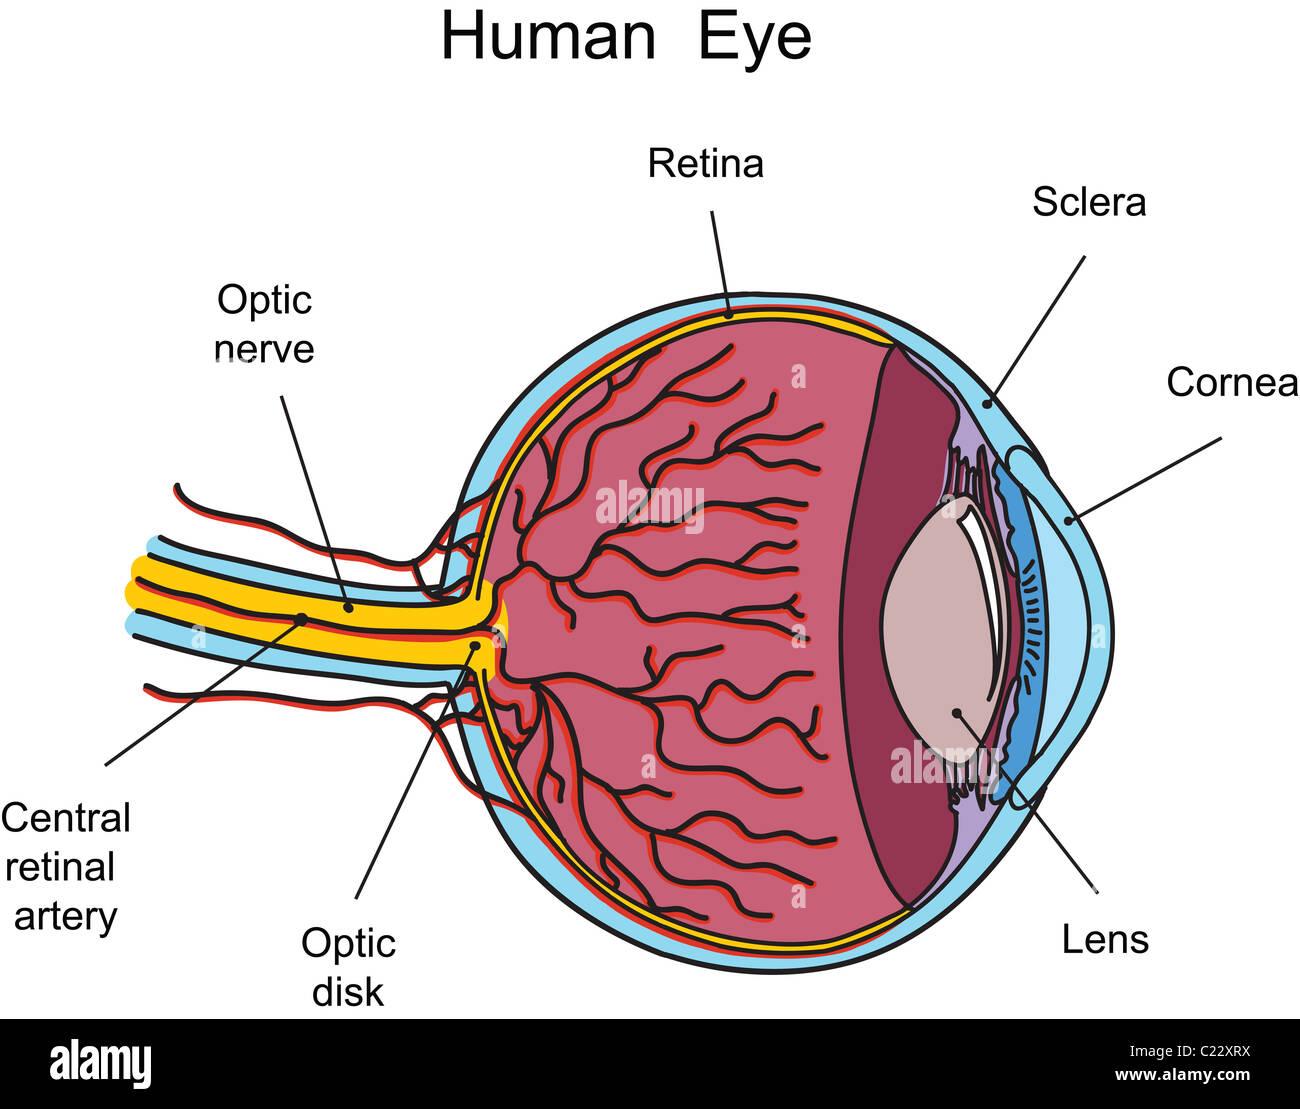 Menschliche Auge Abbildung Stockfoto, Bild: 35715006 - Alamy